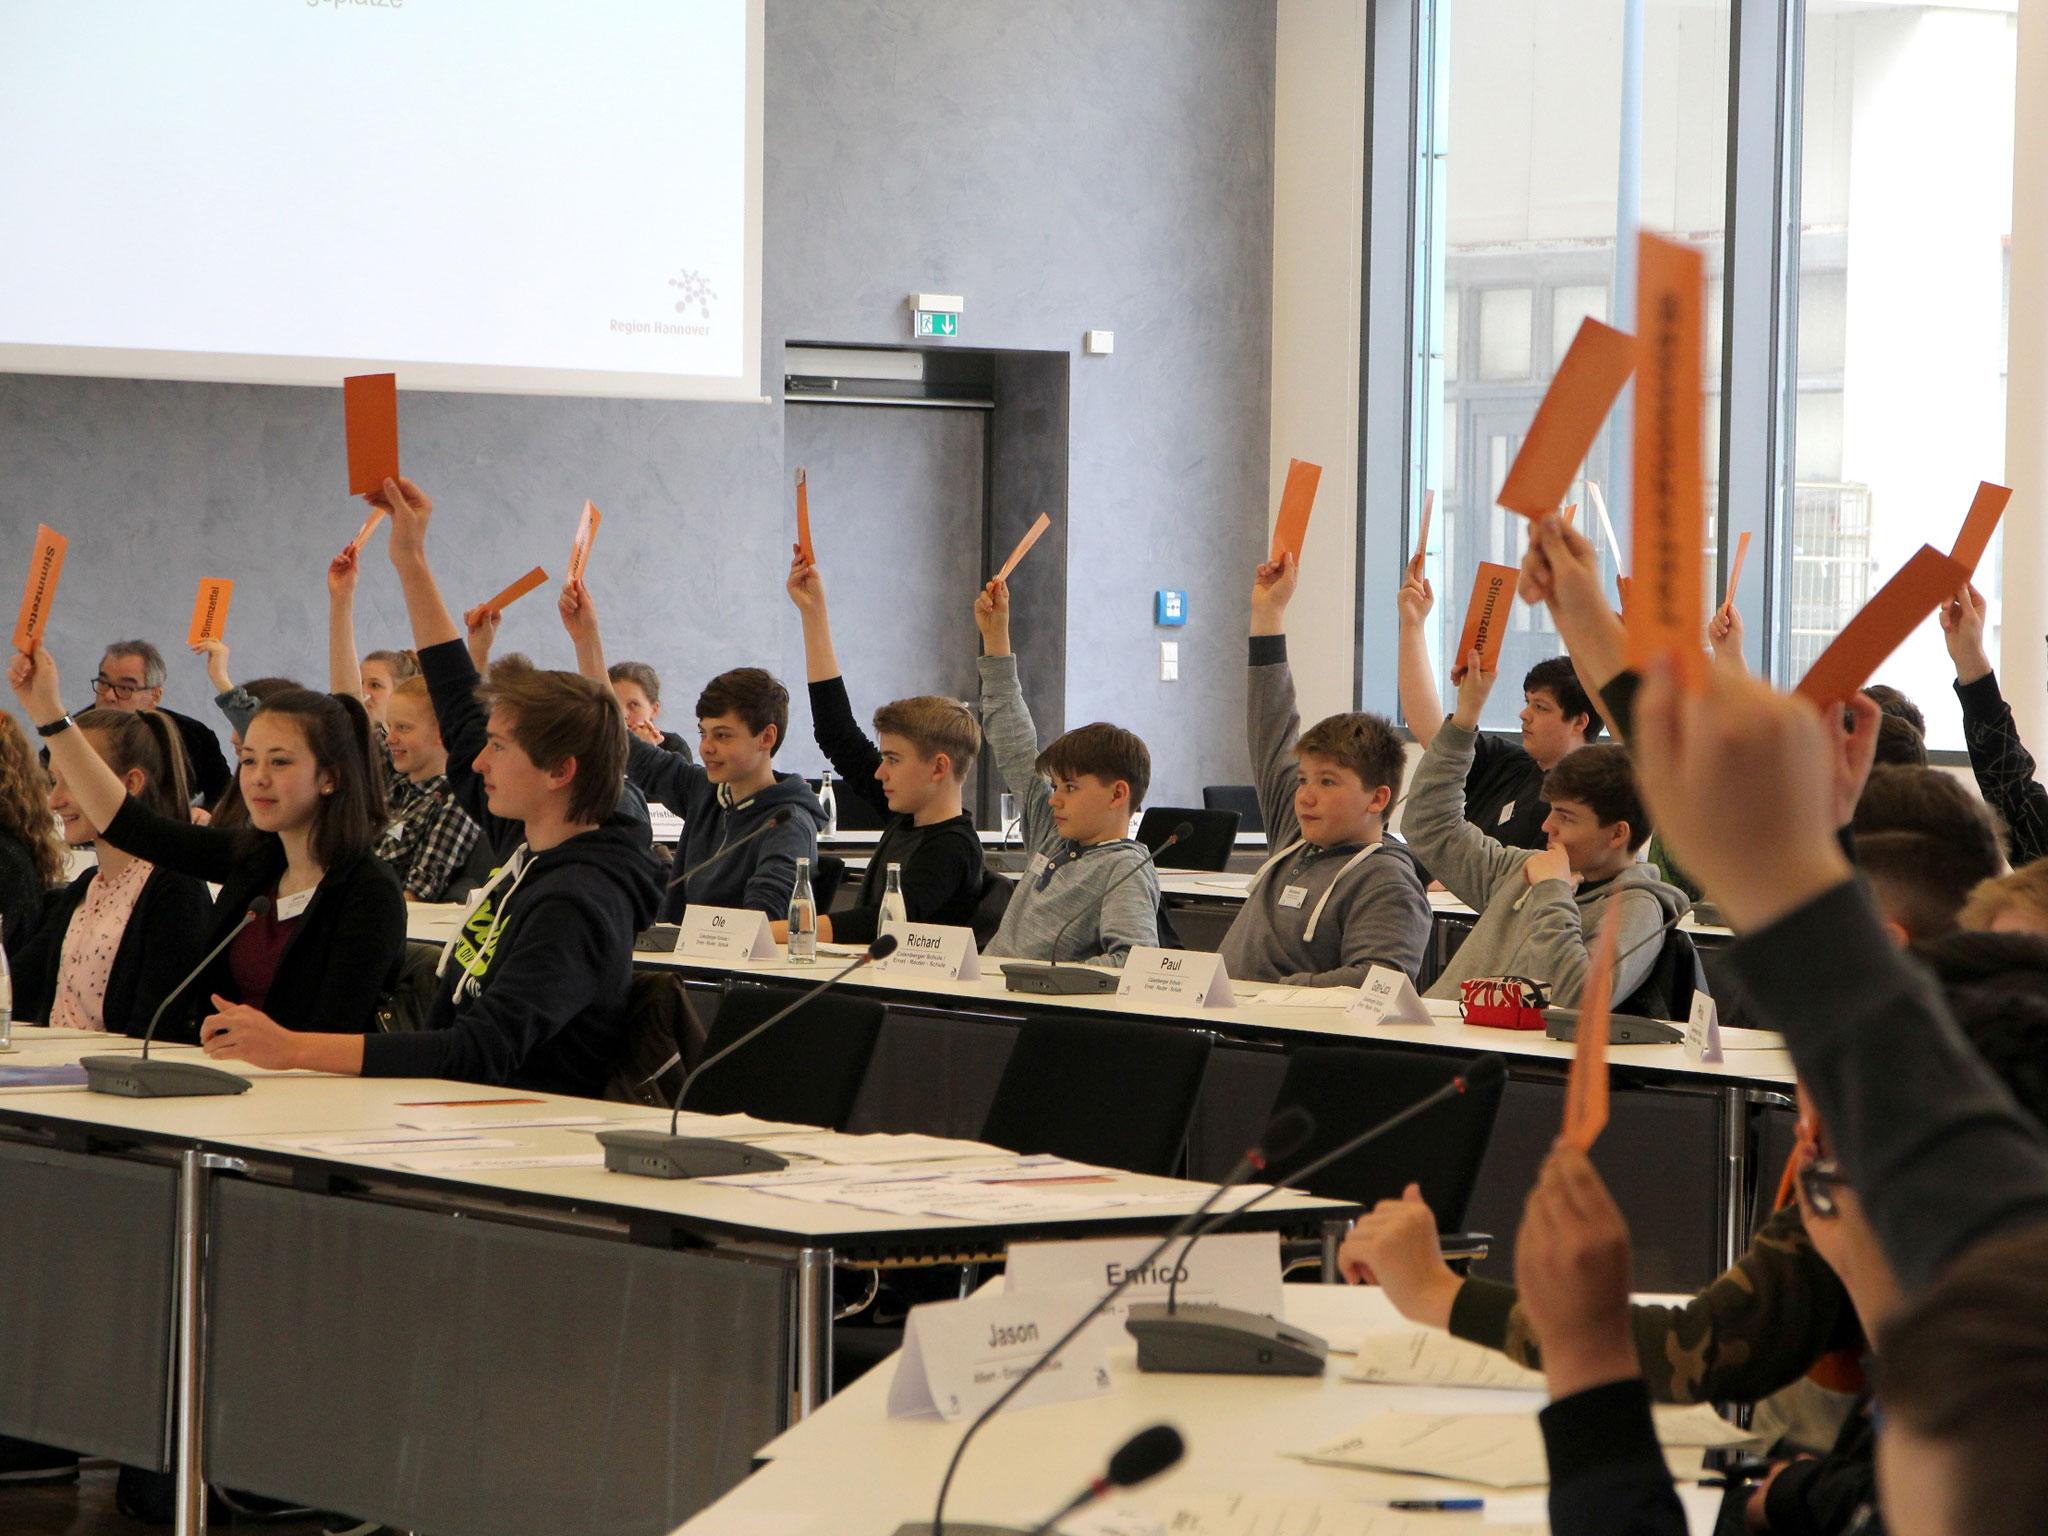 Mehrere Schülerinnen und Schüler sitzen an Tischreihen. Sie halten Kärtchen in die Höhe zum Zweck einer Abstimmung.